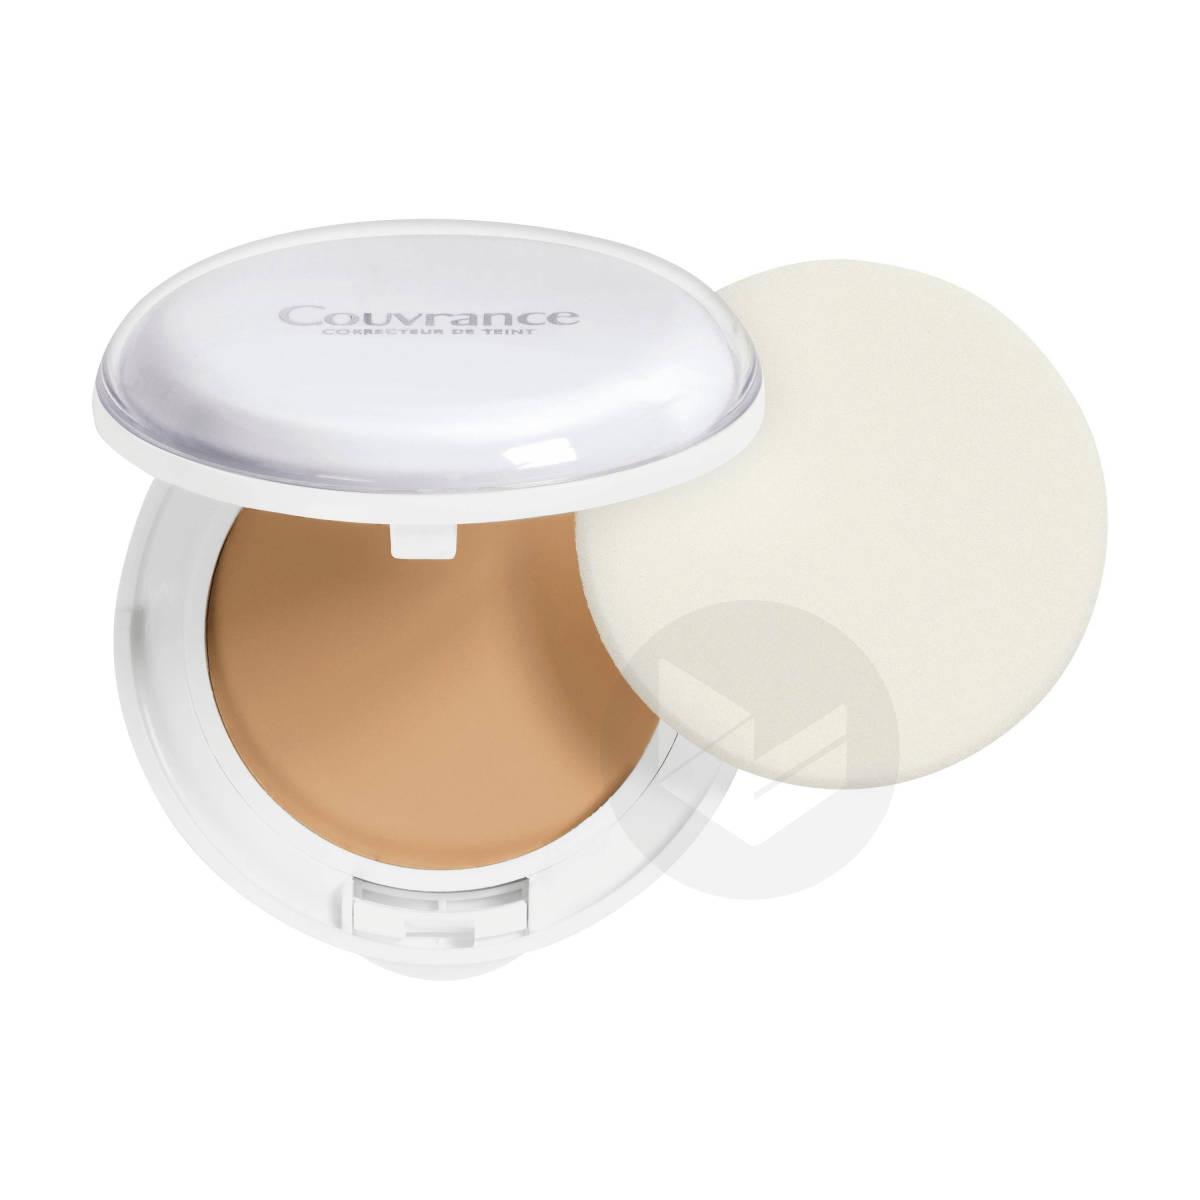 Crème De Teint Compacte Fini Mat Poudré Naturel Naturel N°2.0 - Peaux Claires Et Sensibles 10g